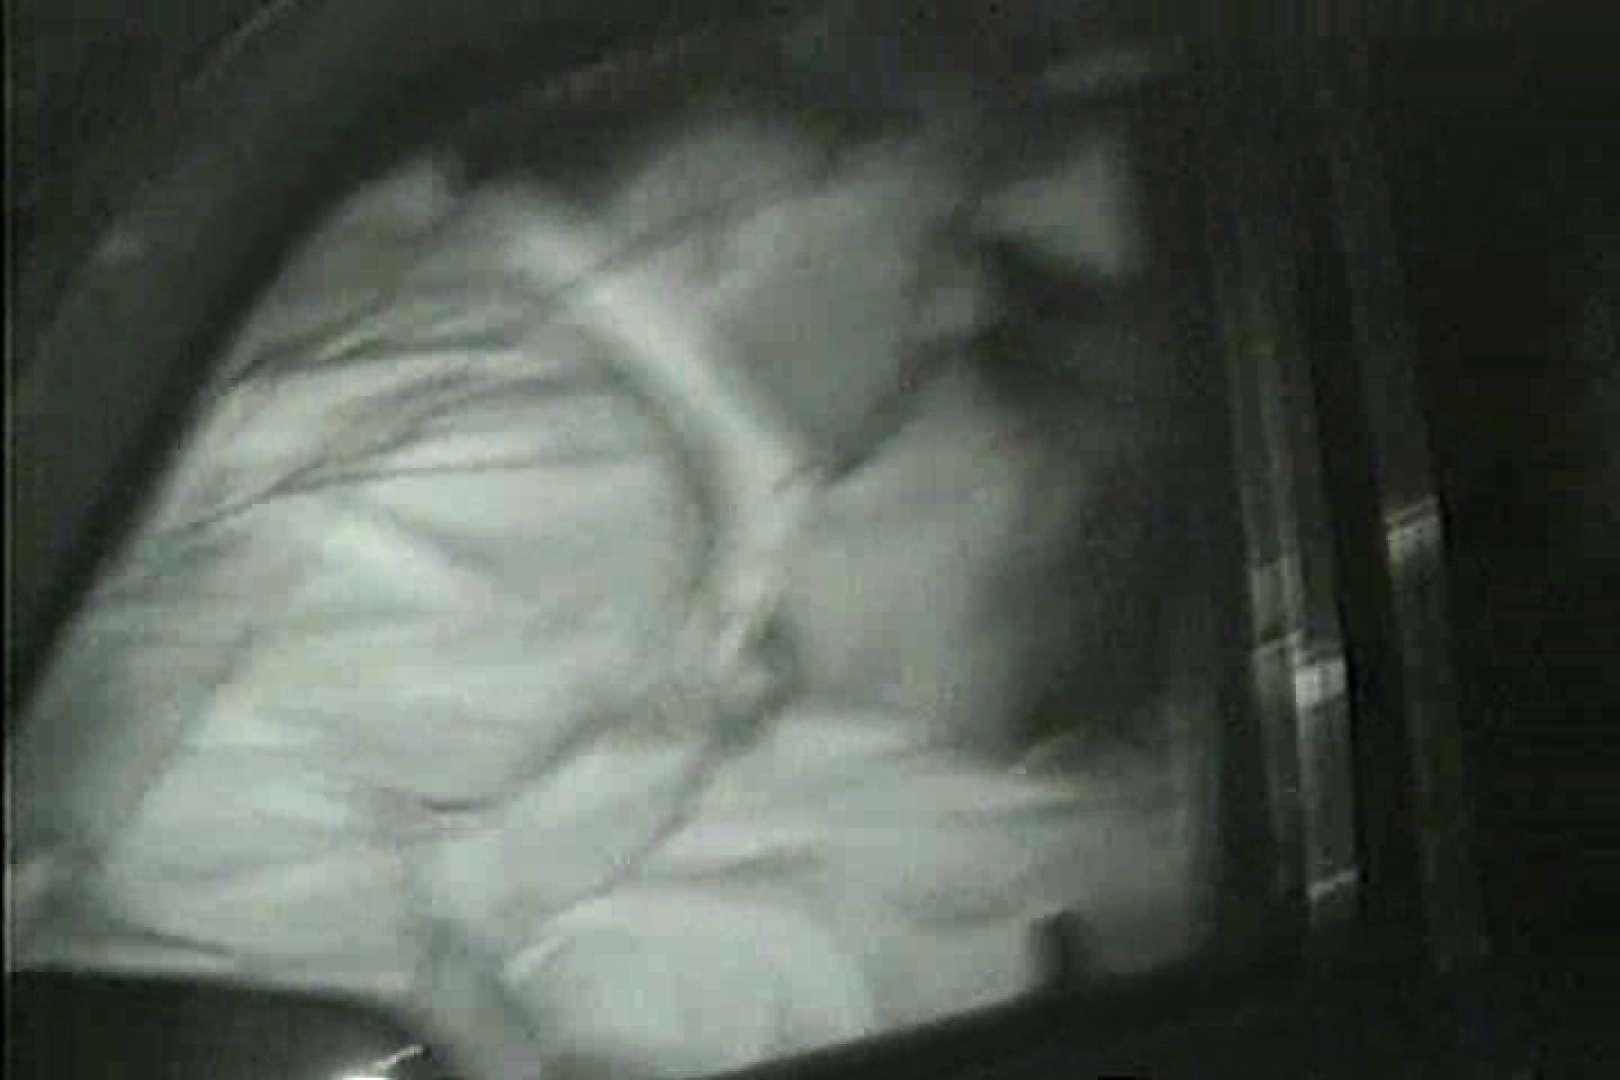 車の中はラブホテル 無修正版  Vol.10 ホテル隠し撮り 盗み撮り動画キャプチャ 87pic 36